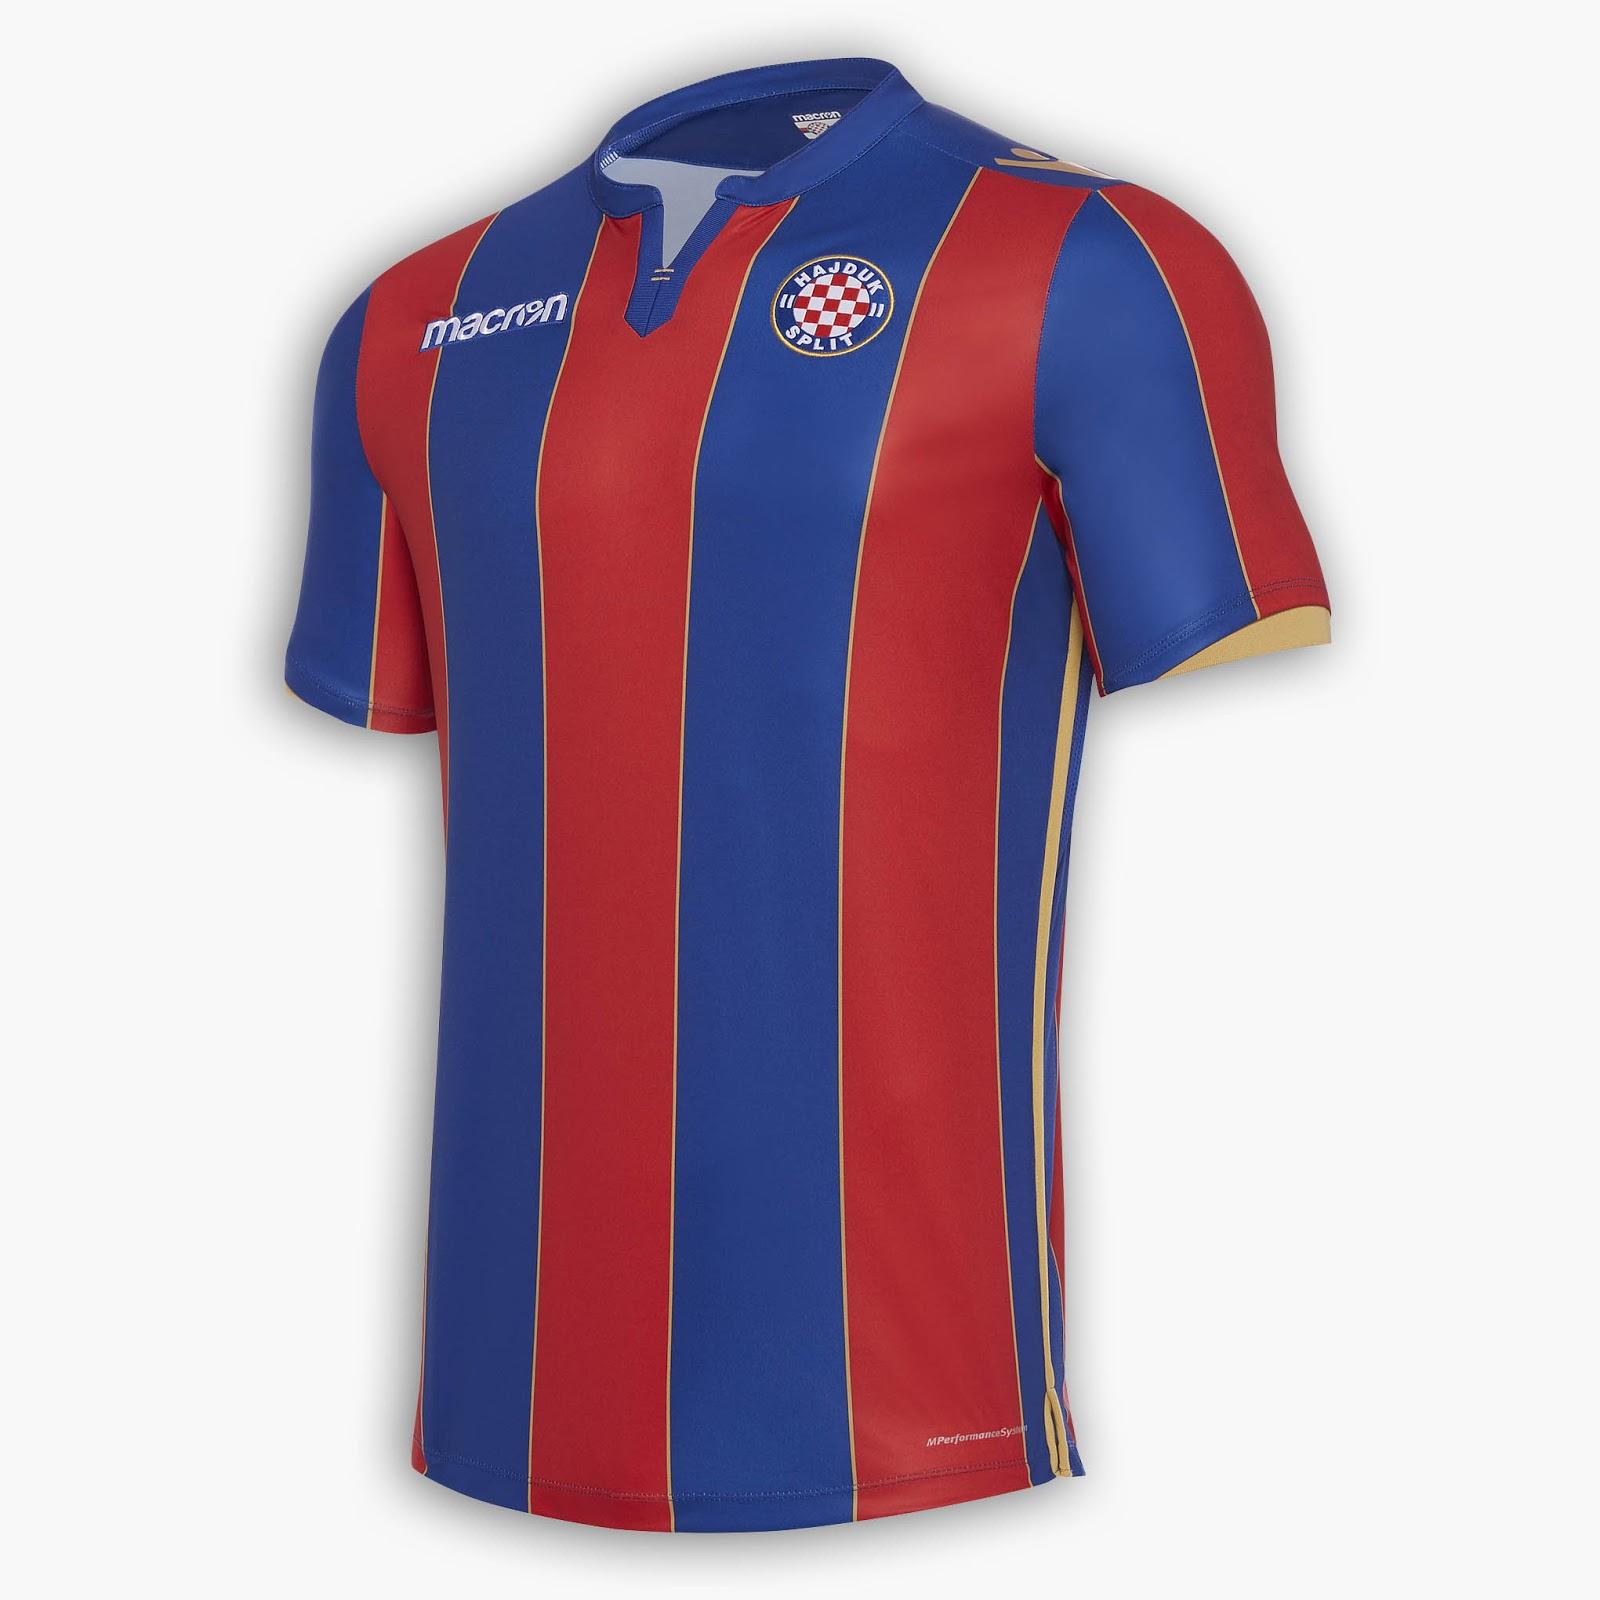 Hajduk+Split+17-18+Away+Kit+Released+%25